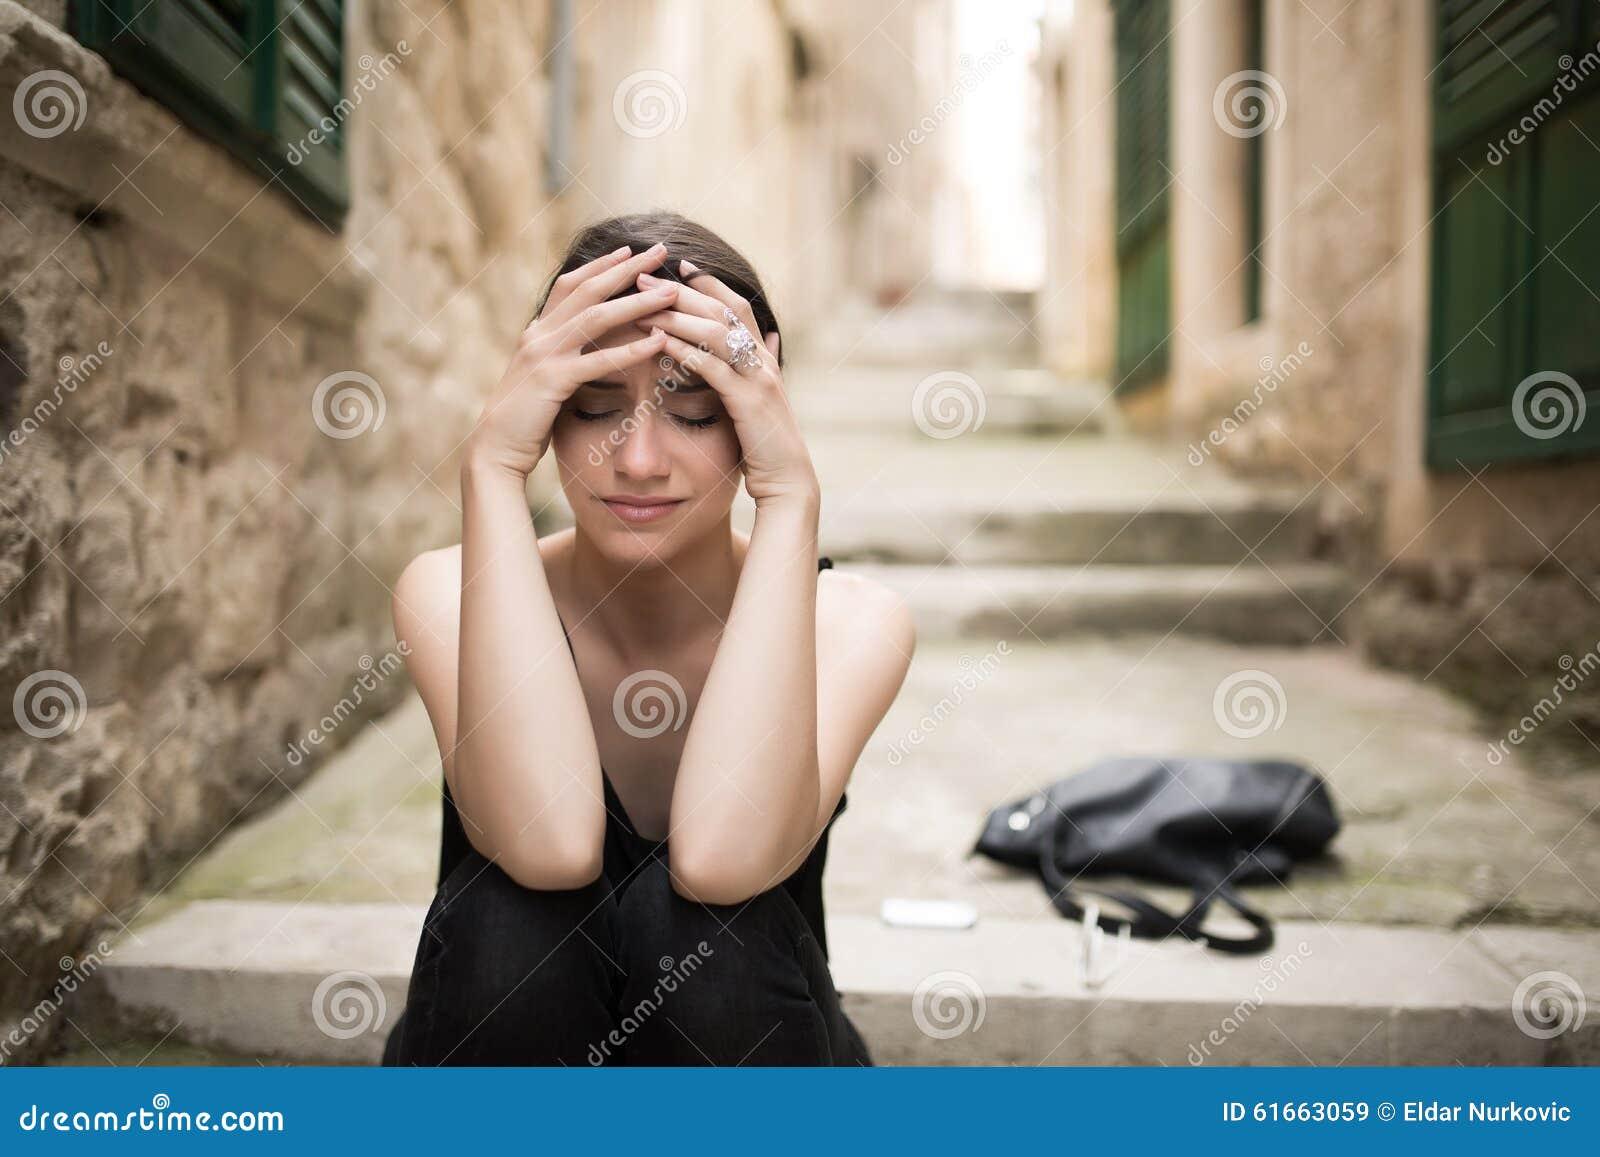 Kobieta z smutnym twarz płaczem Smutny wyrażenie, smutna emocja, rozpacz, smucenie Kobieta w emocjonalnym stresie i bólu Kobieta